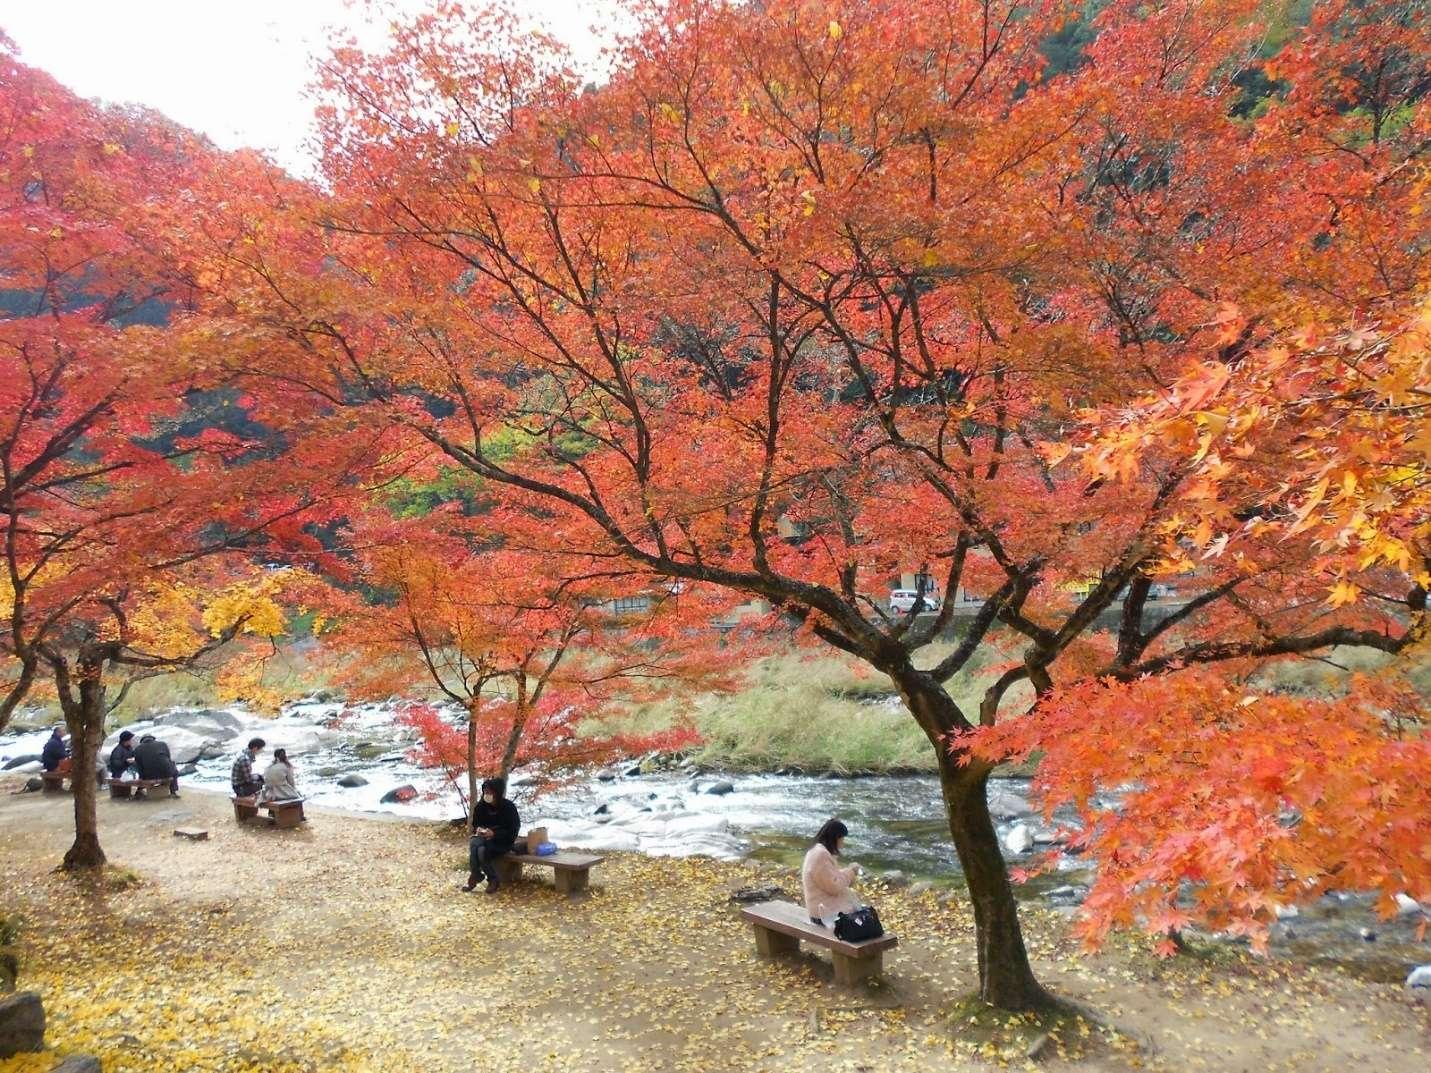 Nhật Bản nơi thu hút khá nhiều du khách trong và ngoài nước